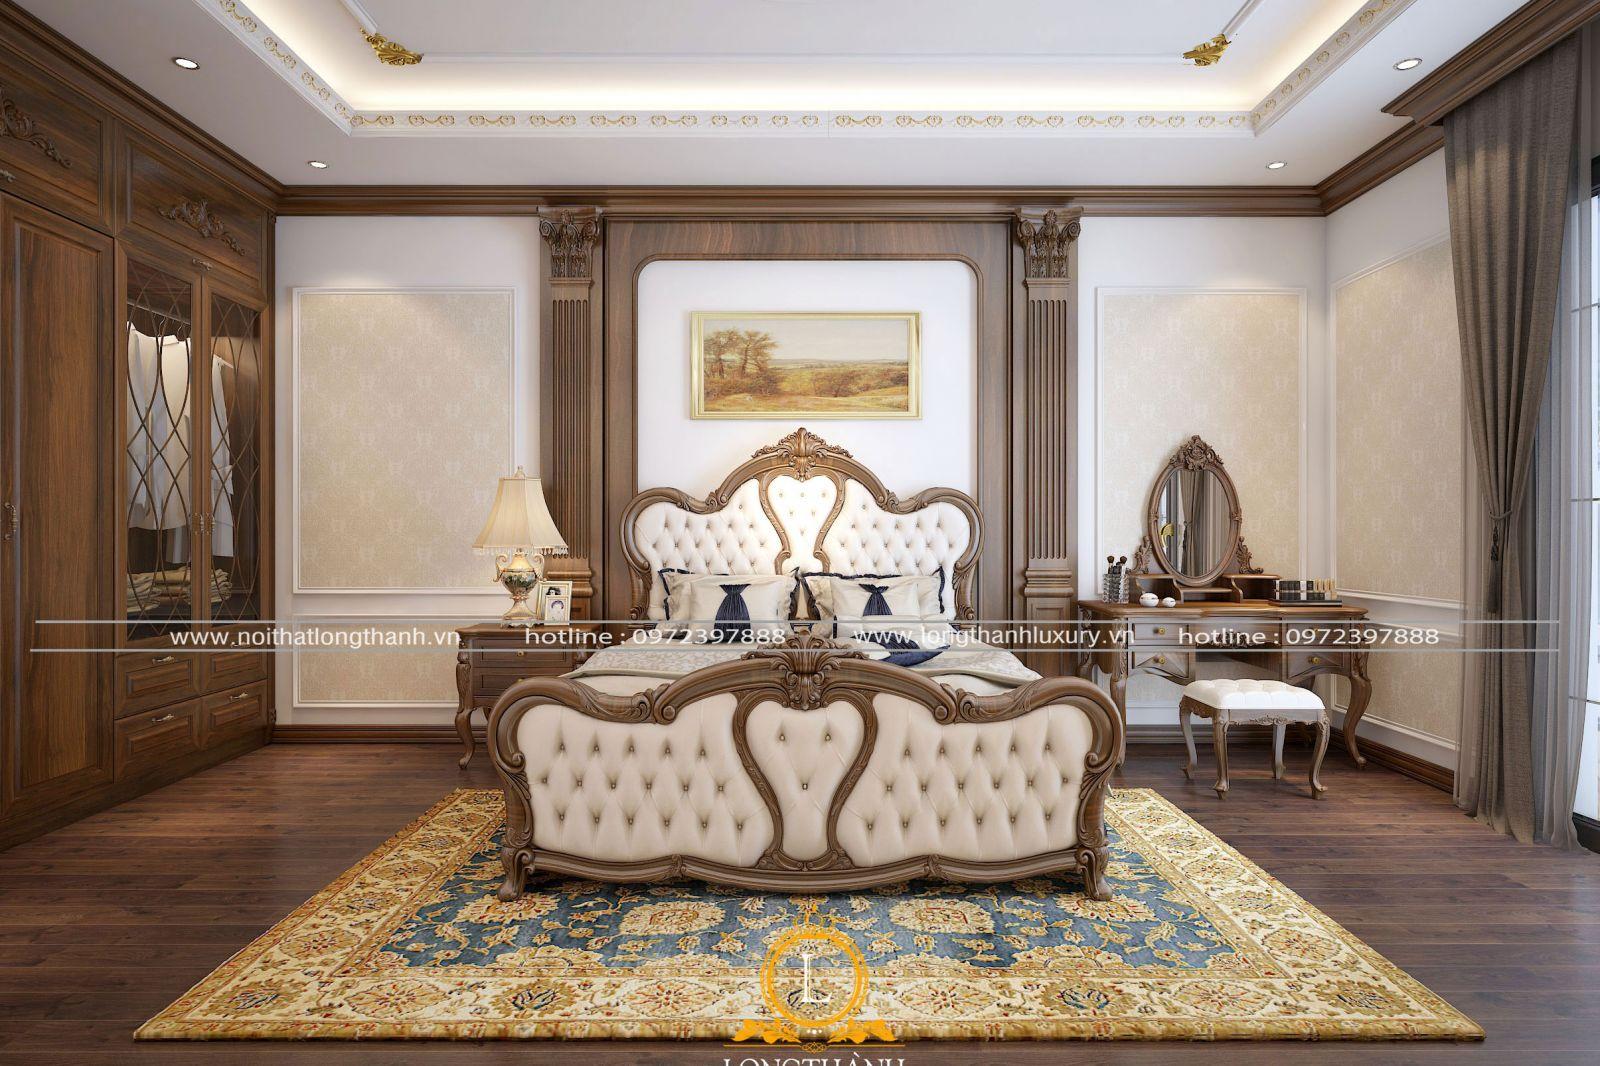 Phòng ngủ thiết kế độc đáo và cuốn hút